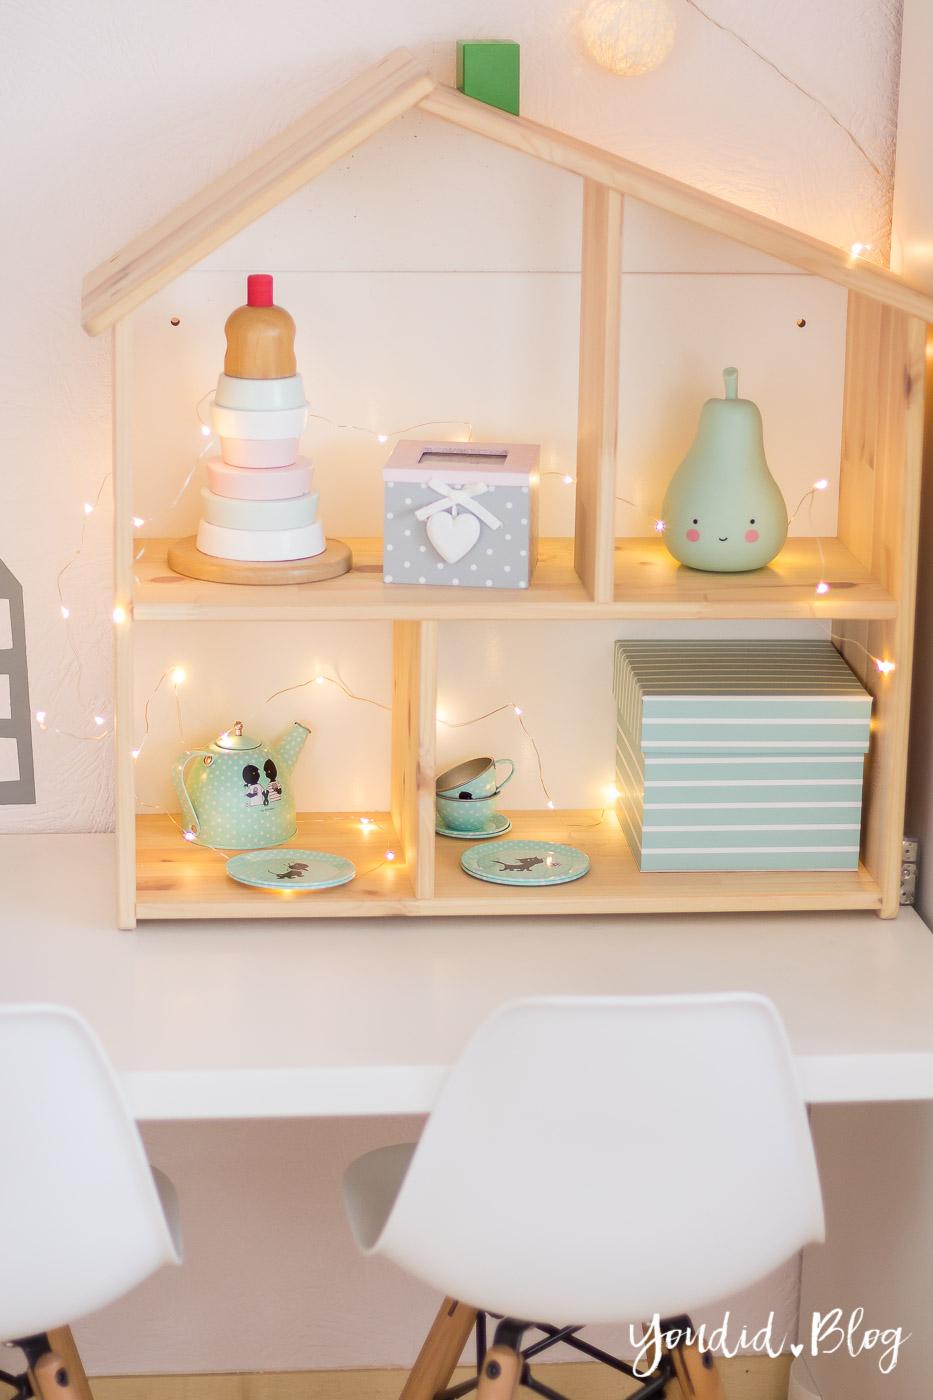 Farbwirkung auf babys und kleinkinder unser skandinavisches kinderzimmer mit alpina youdid - Ikea puppenhaus mobel ...